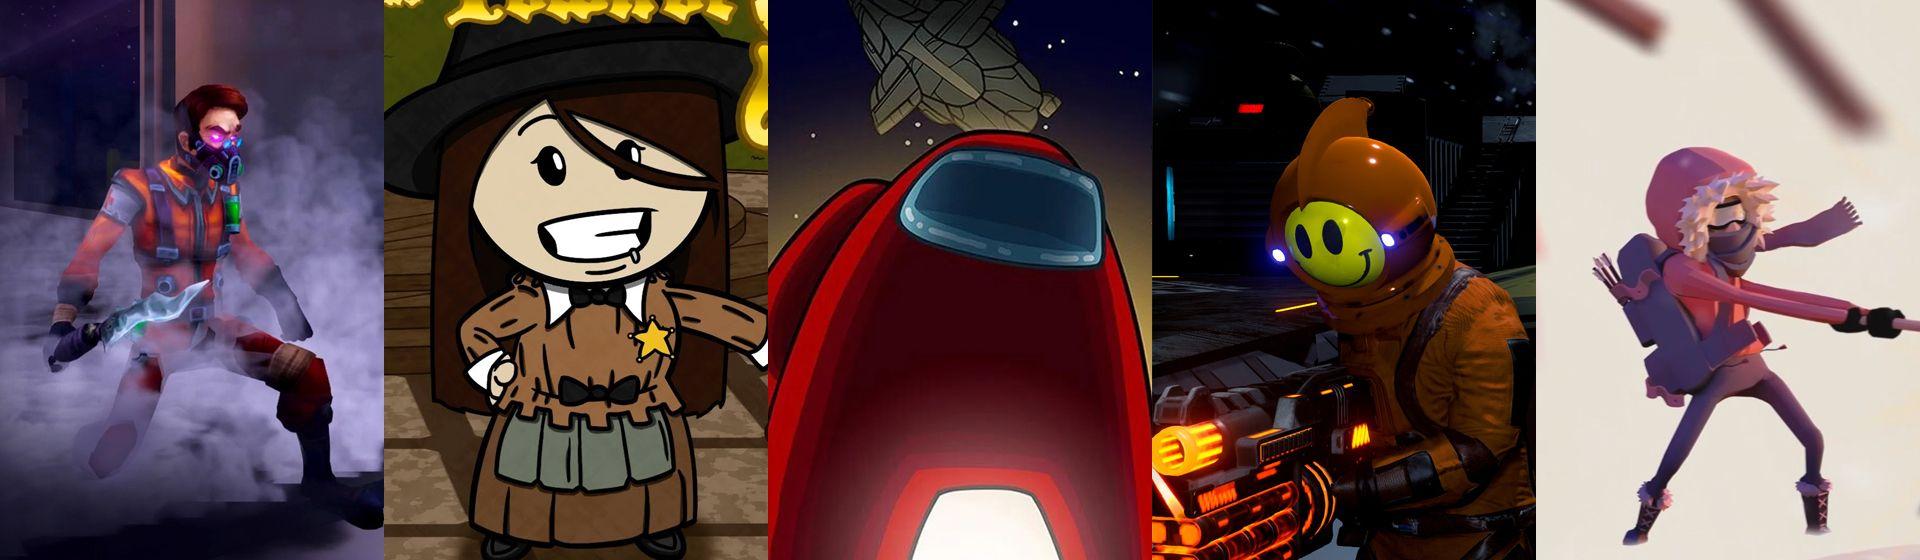 Jogos parecidos com Among Us: os melhores games com impostores